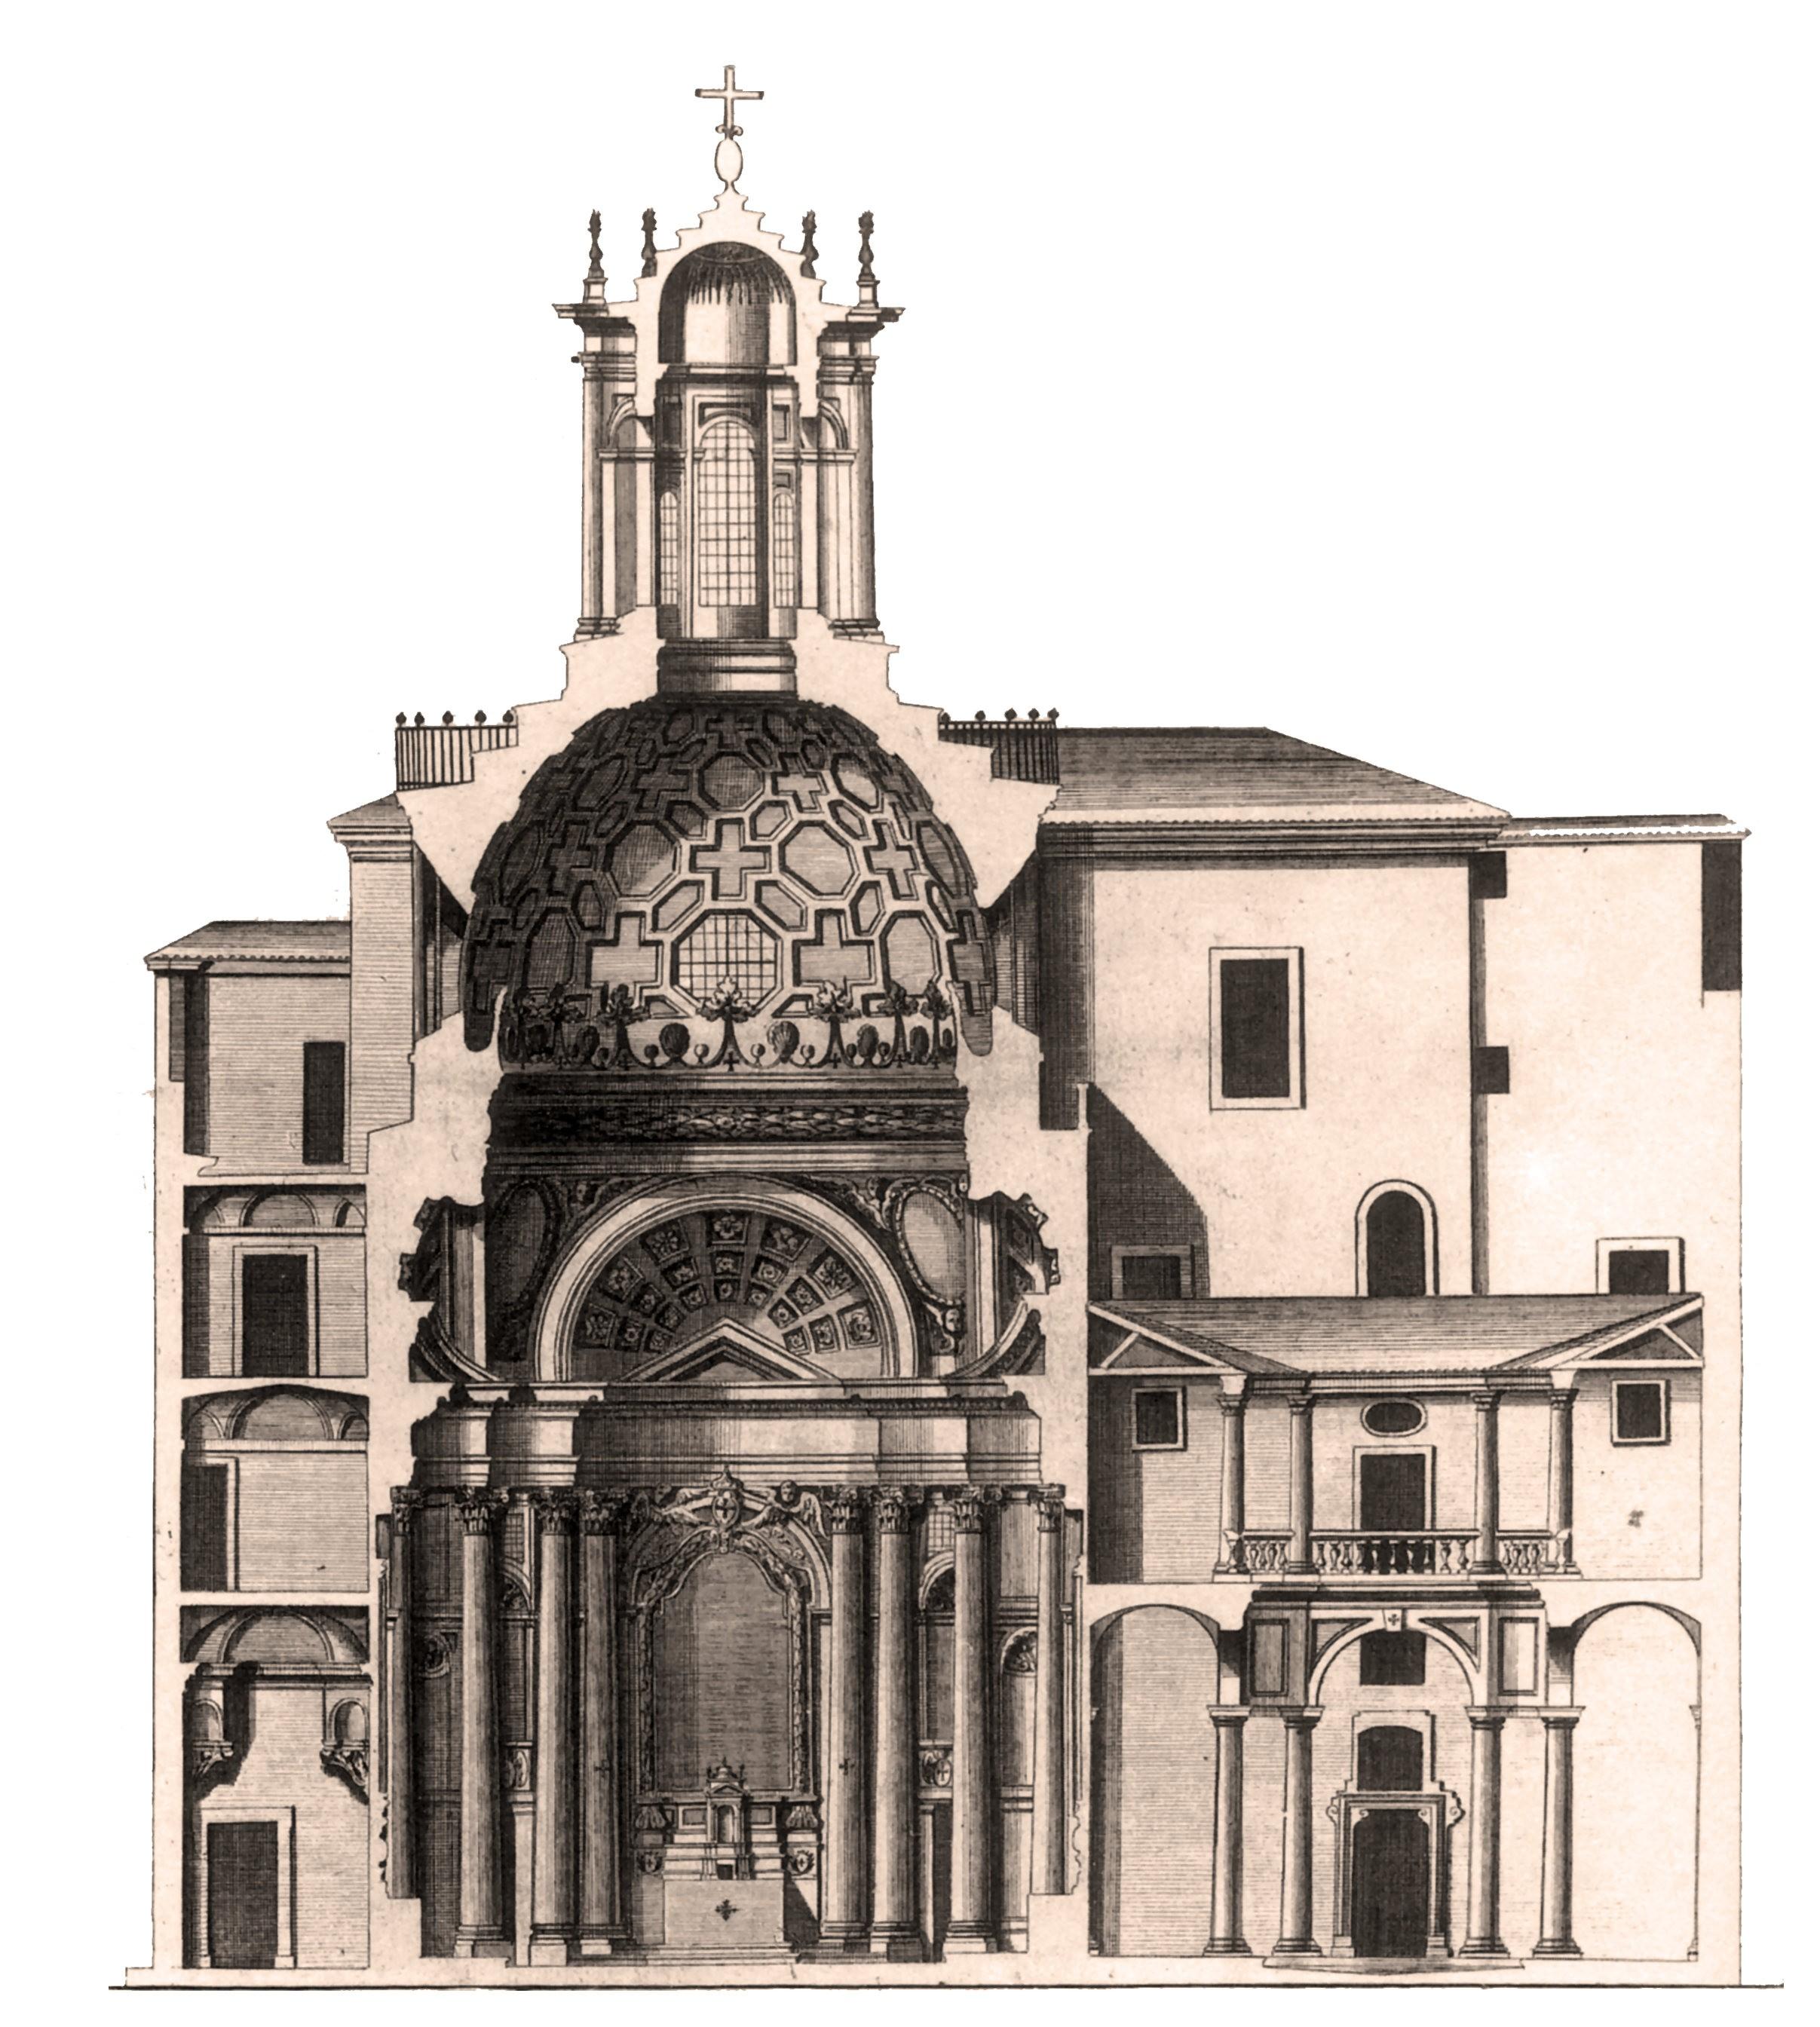 arte+arquitectura+roma+italia+barroco+borromini